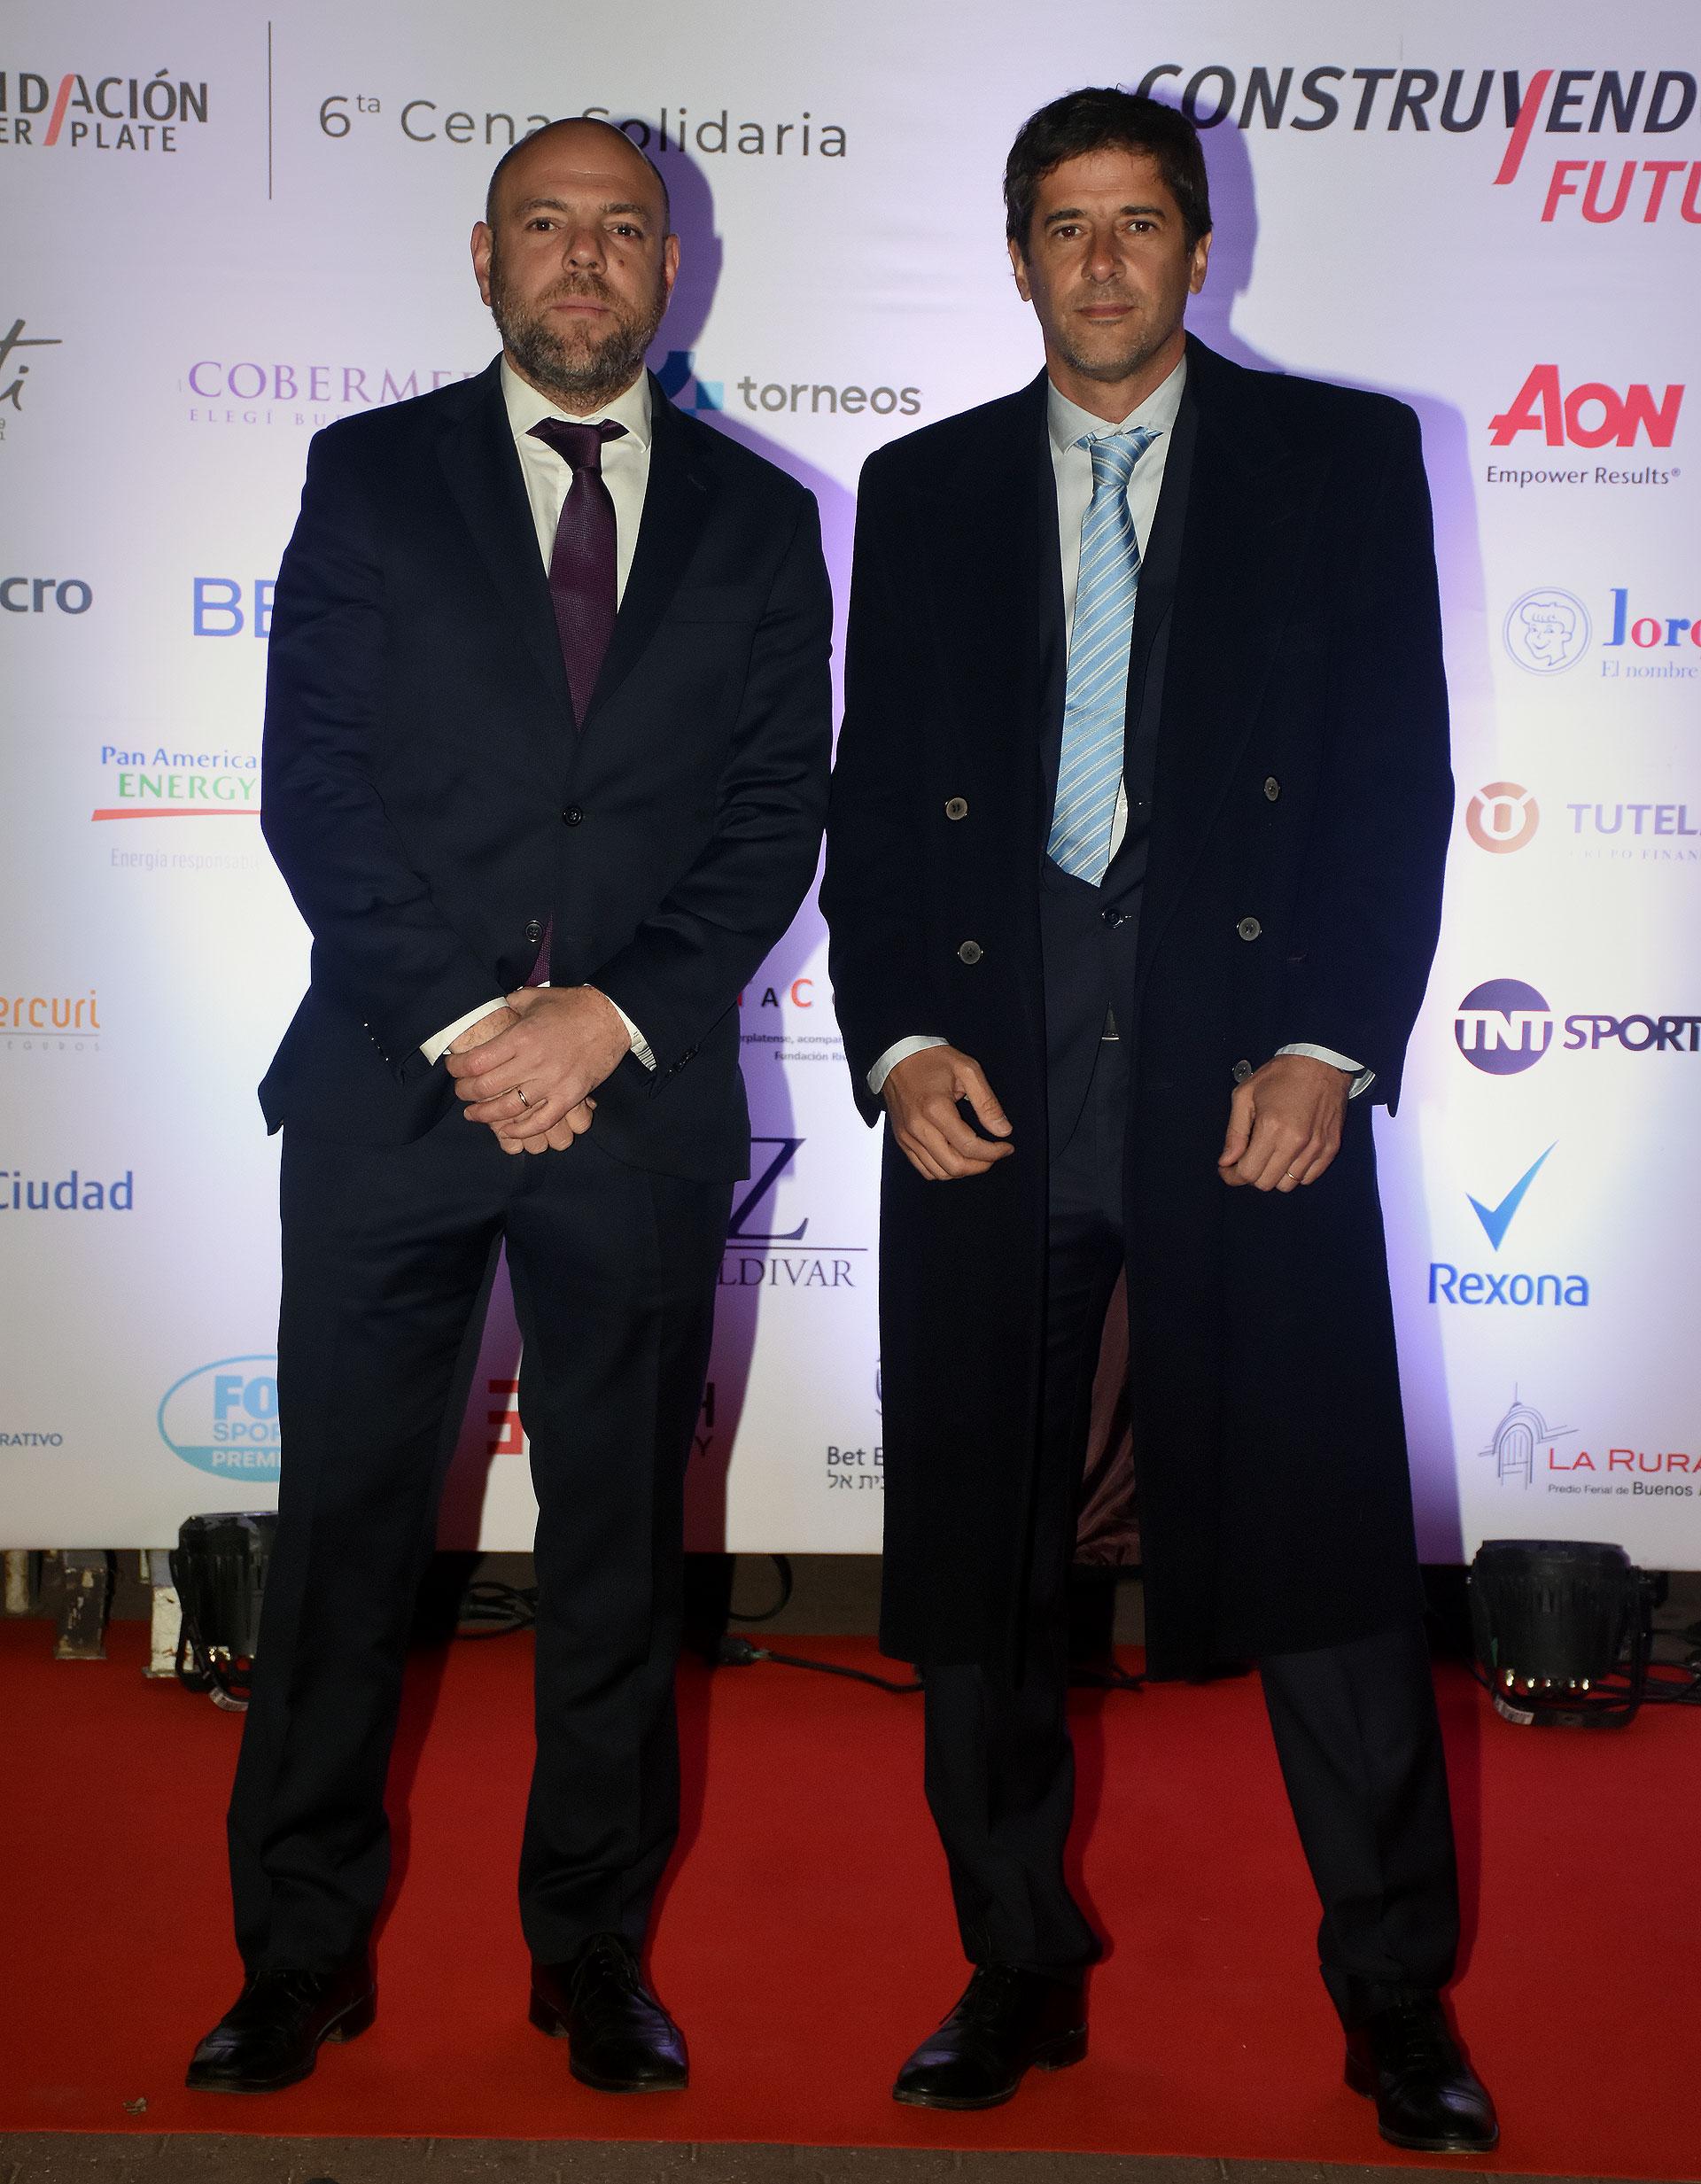 Horacio Ferrecio y Rómulo Suaya, vocales de la Fundación River Plate